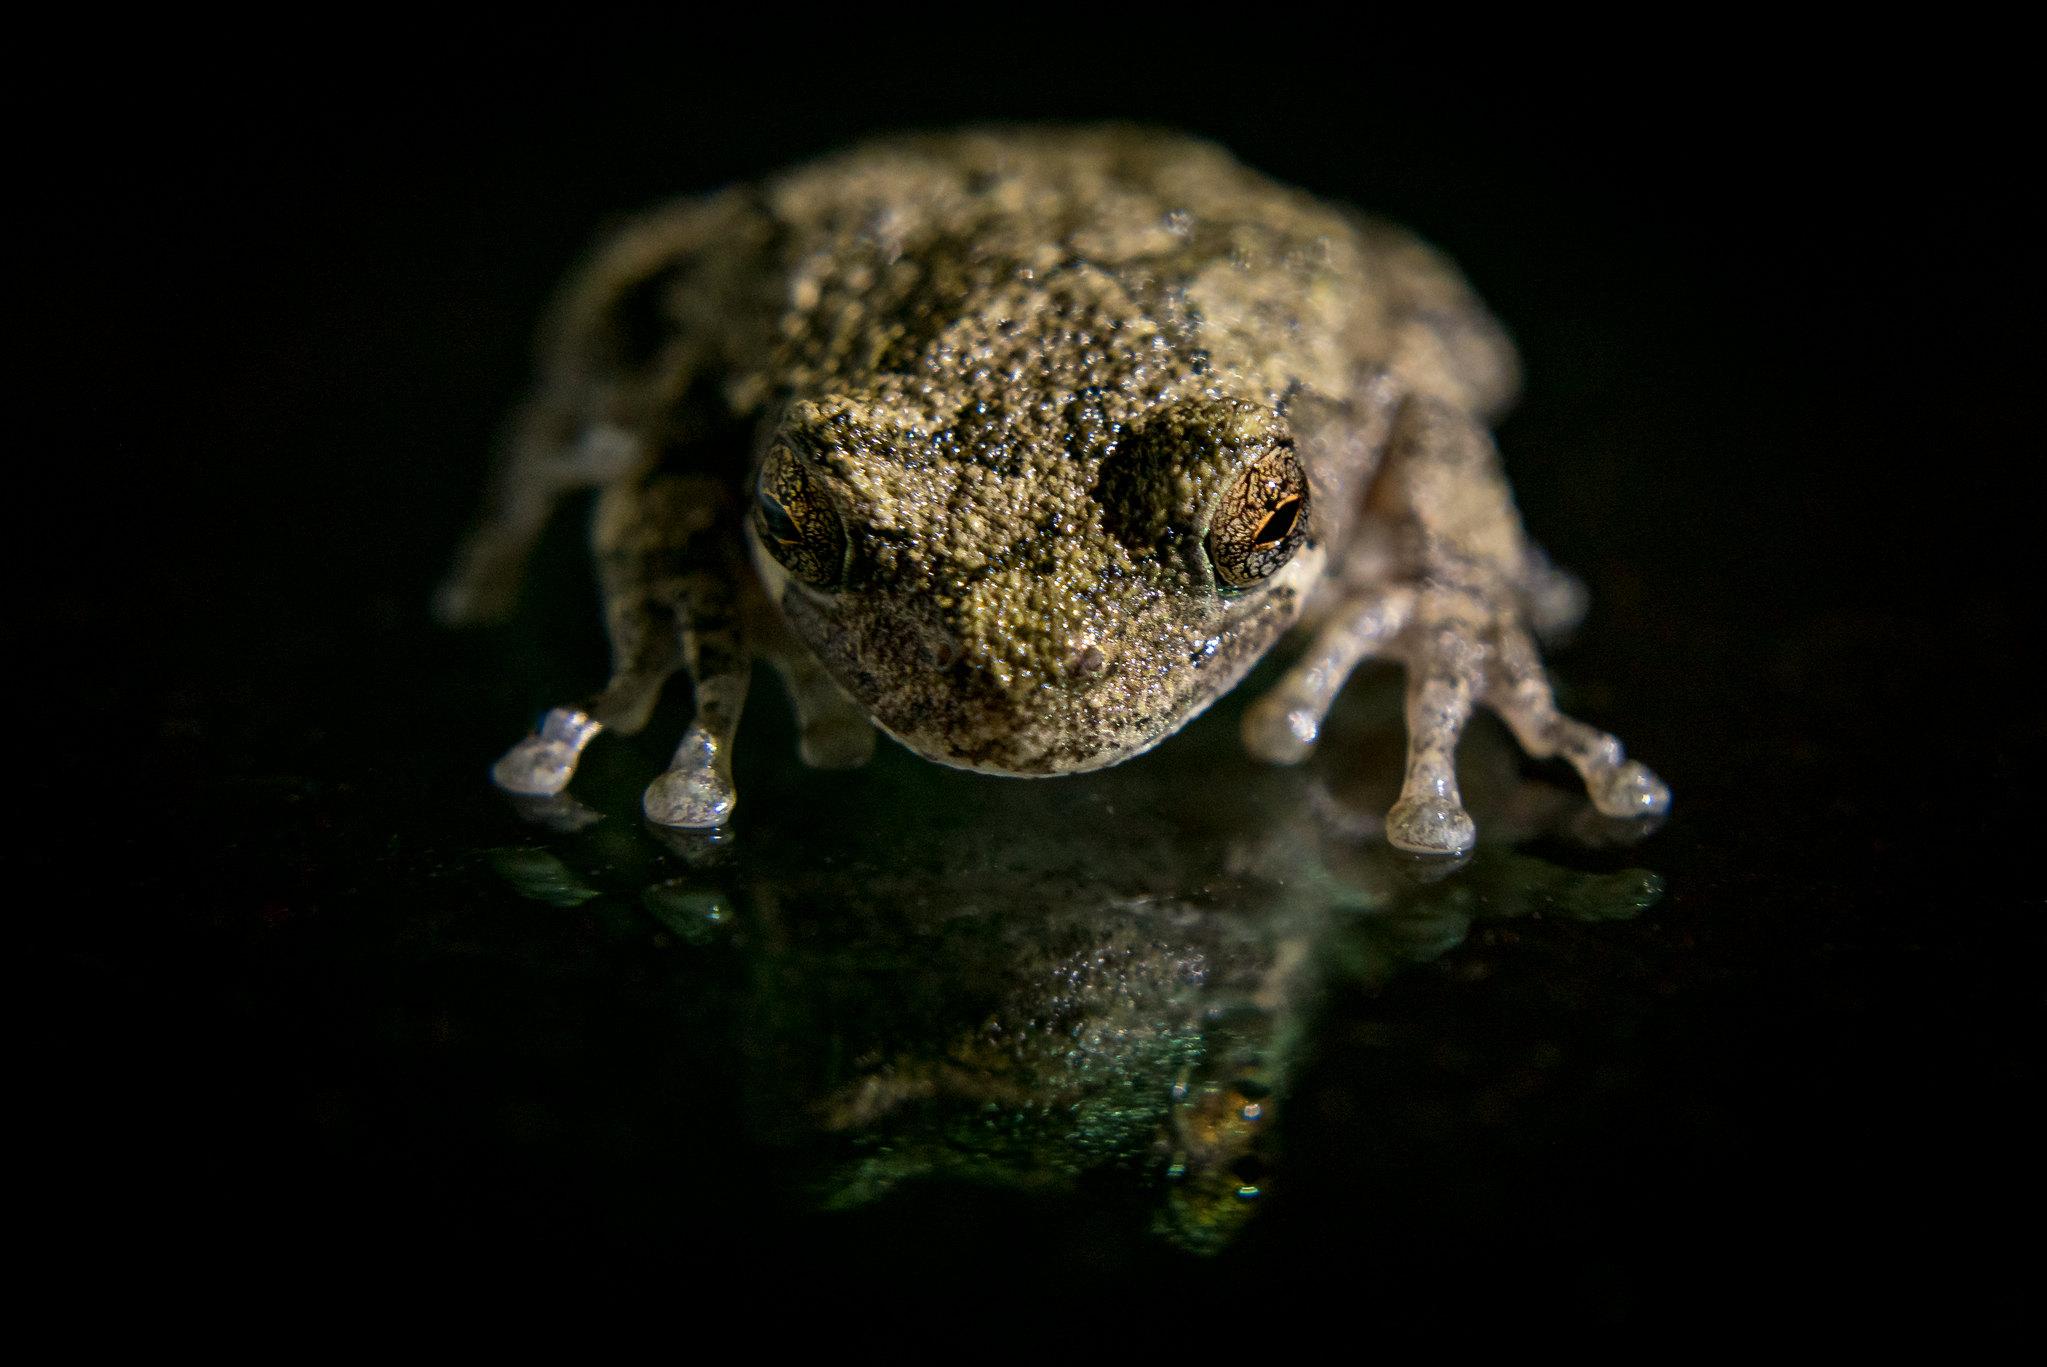 backyard photo safari frog